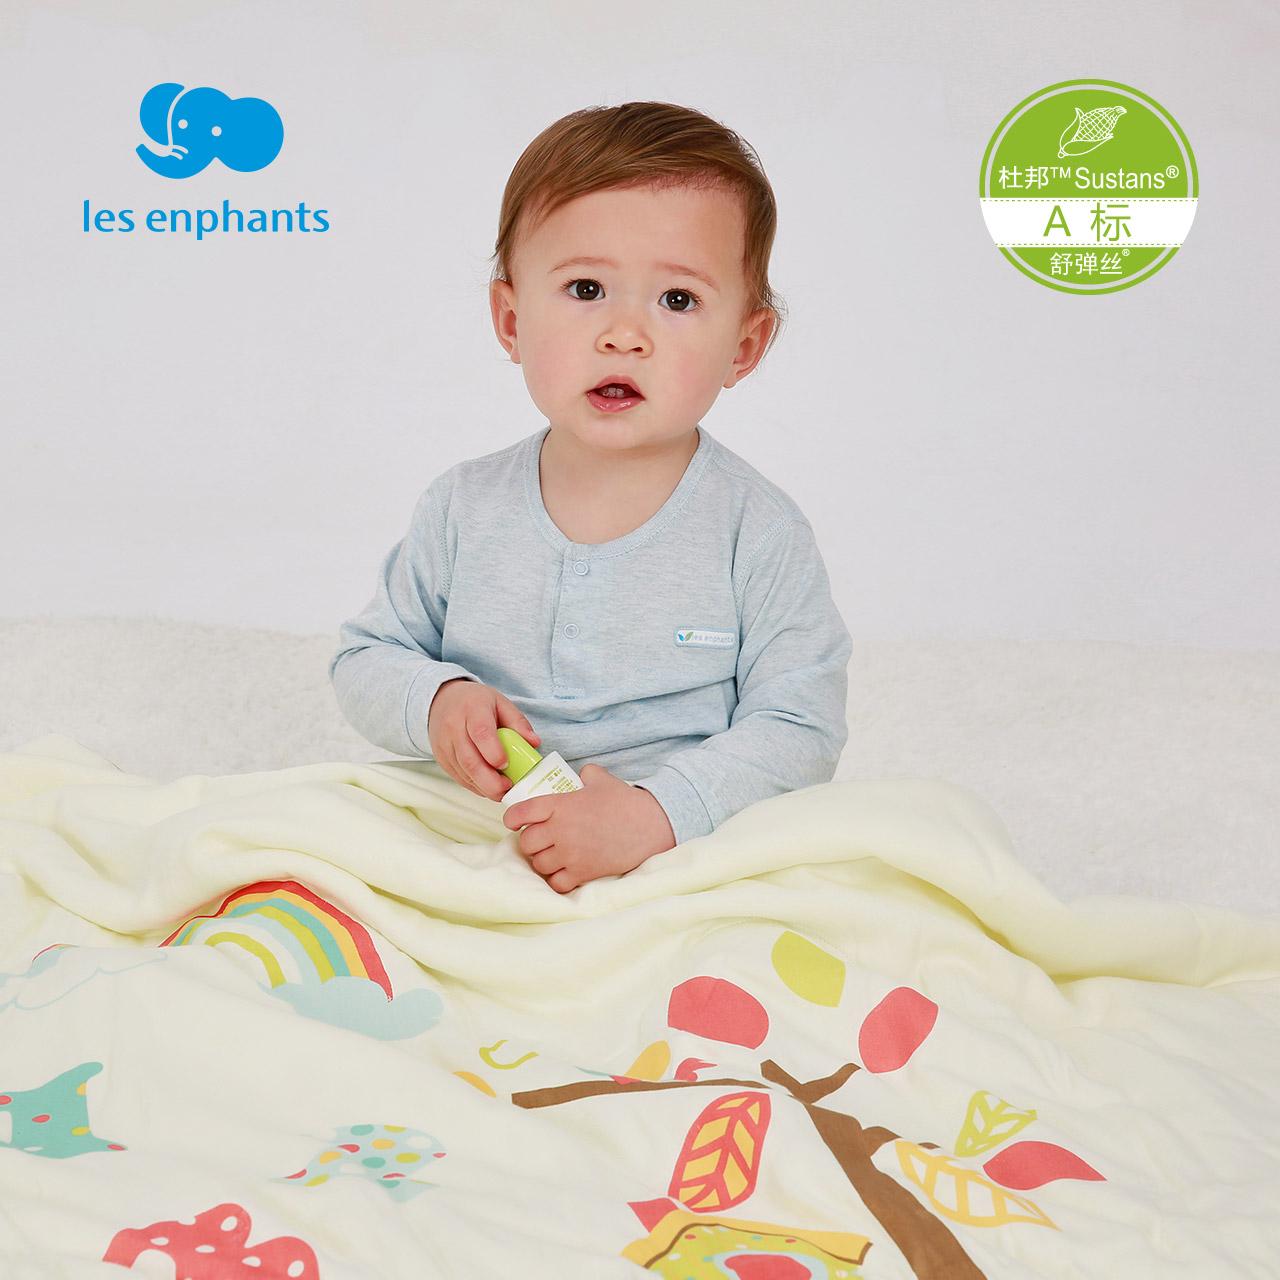 丽婴房寝具宝宝被芯儿童小被子丝滑竹纤维春秋幼儿园凉被140*110(用40元券)